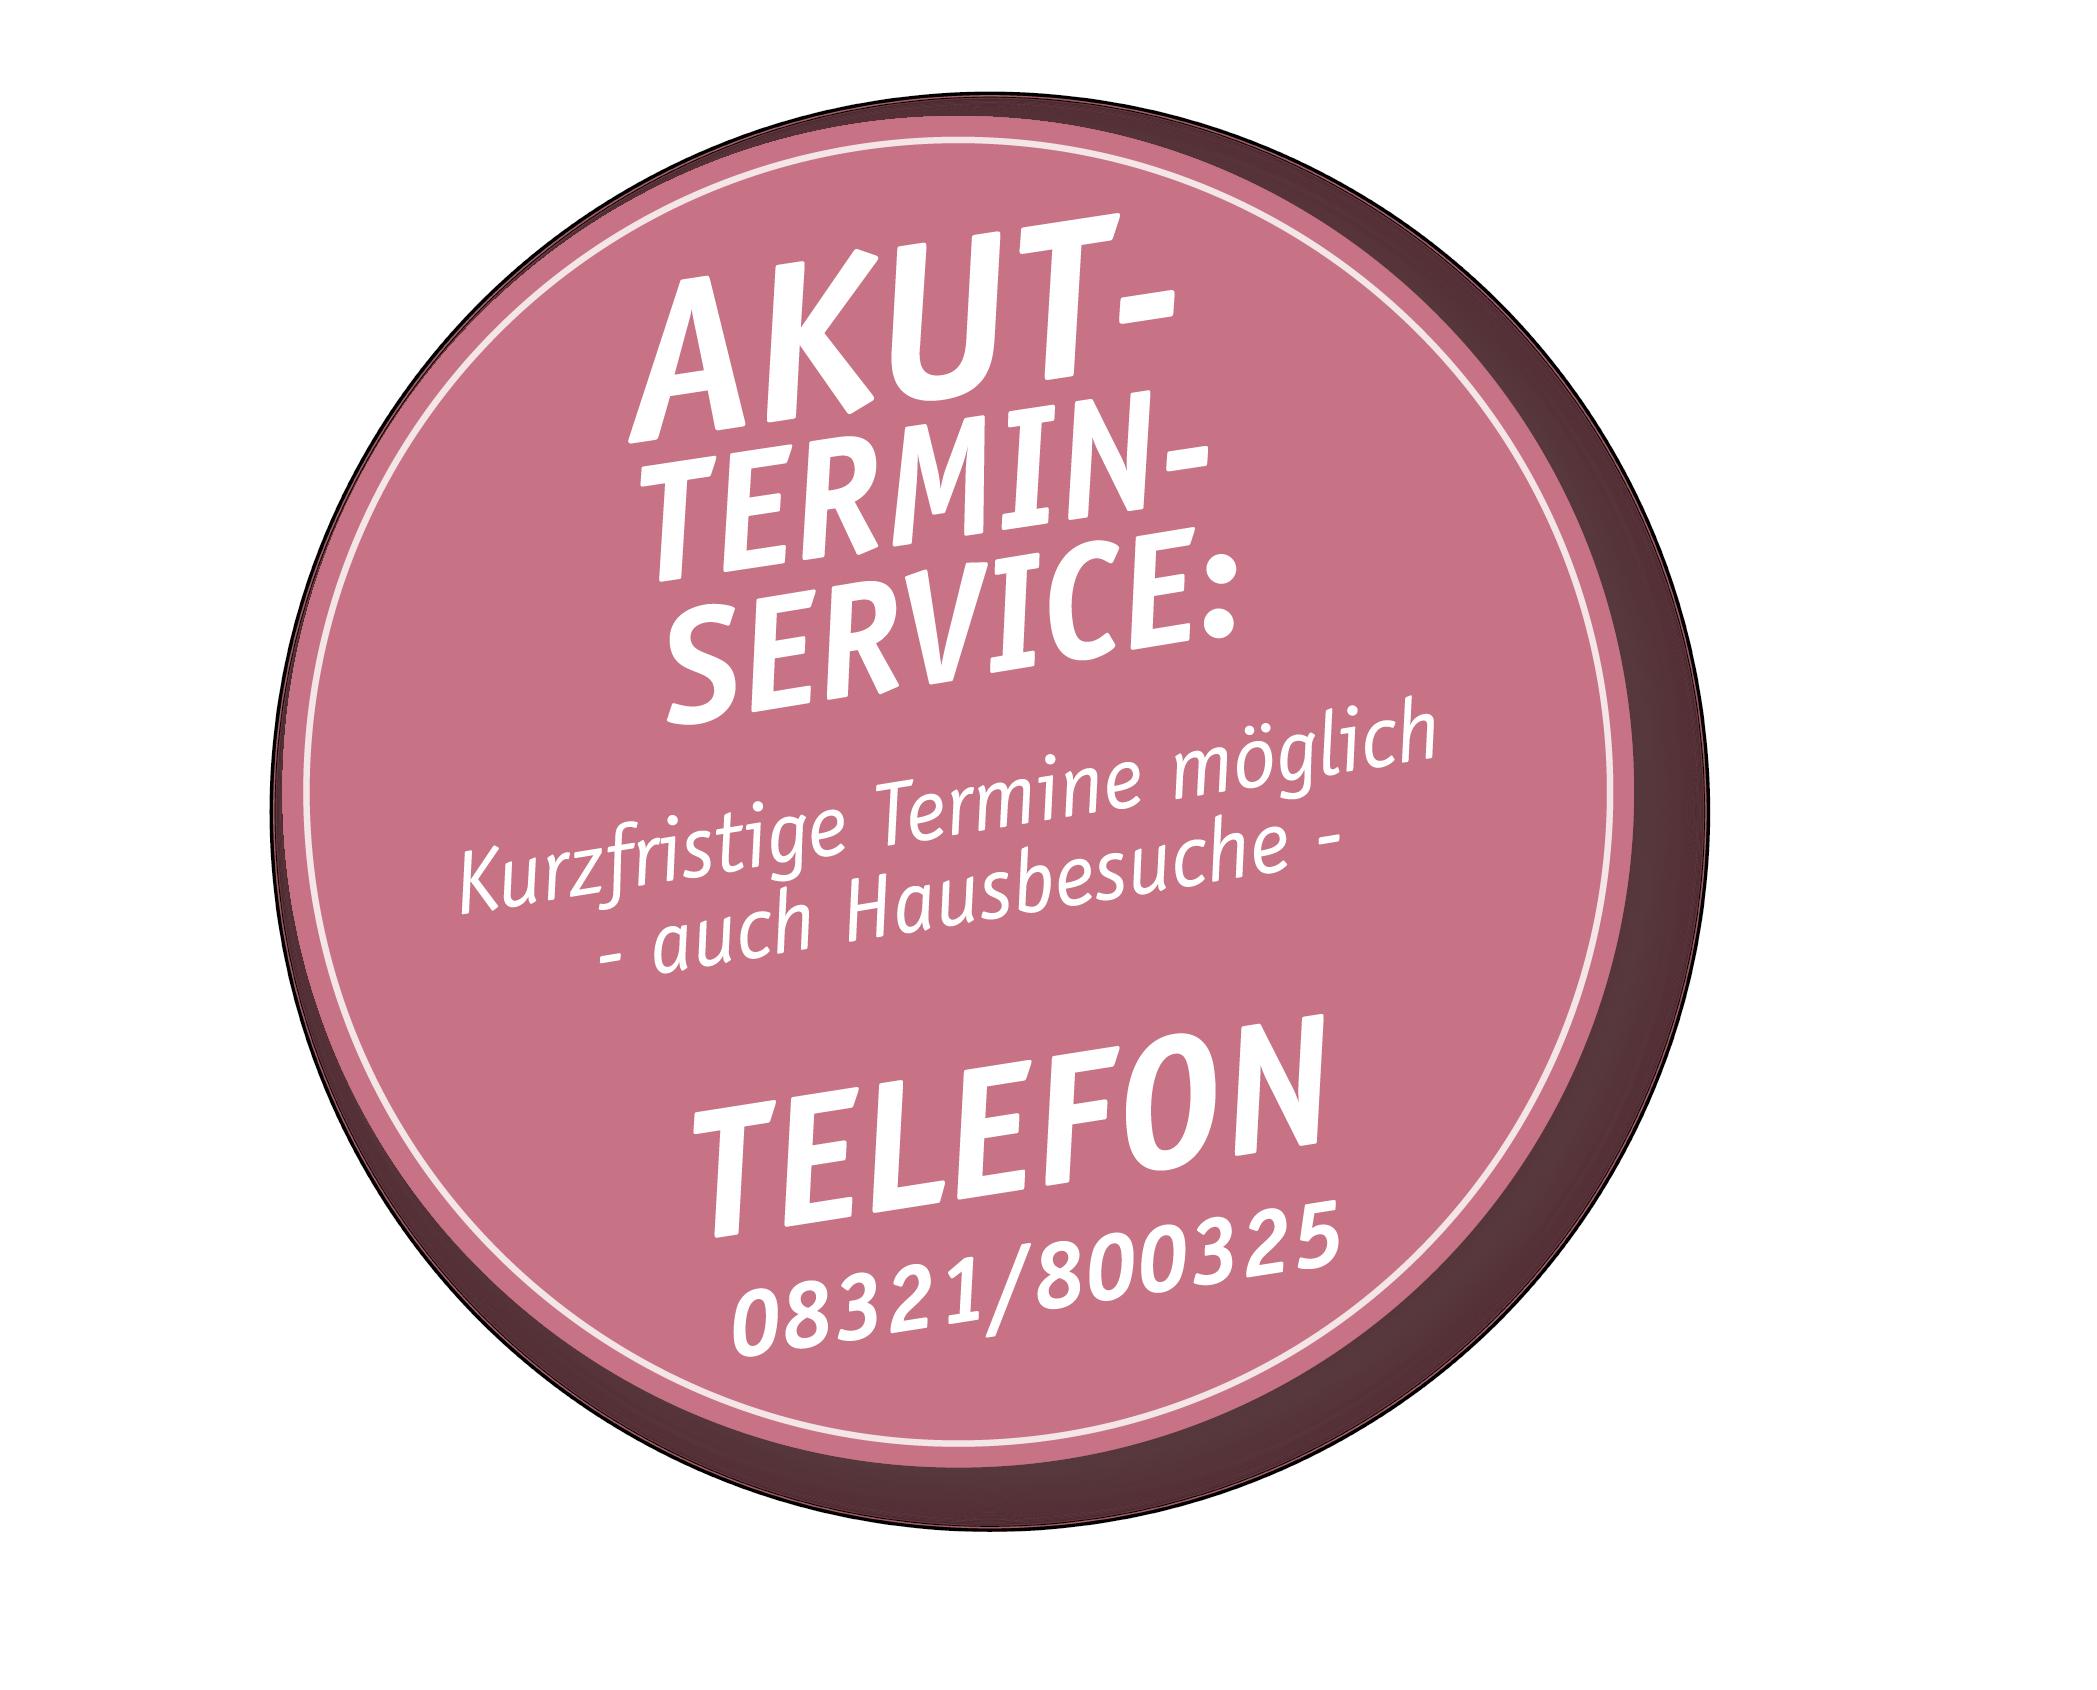 AktuelleTermine-ServiceButton-02